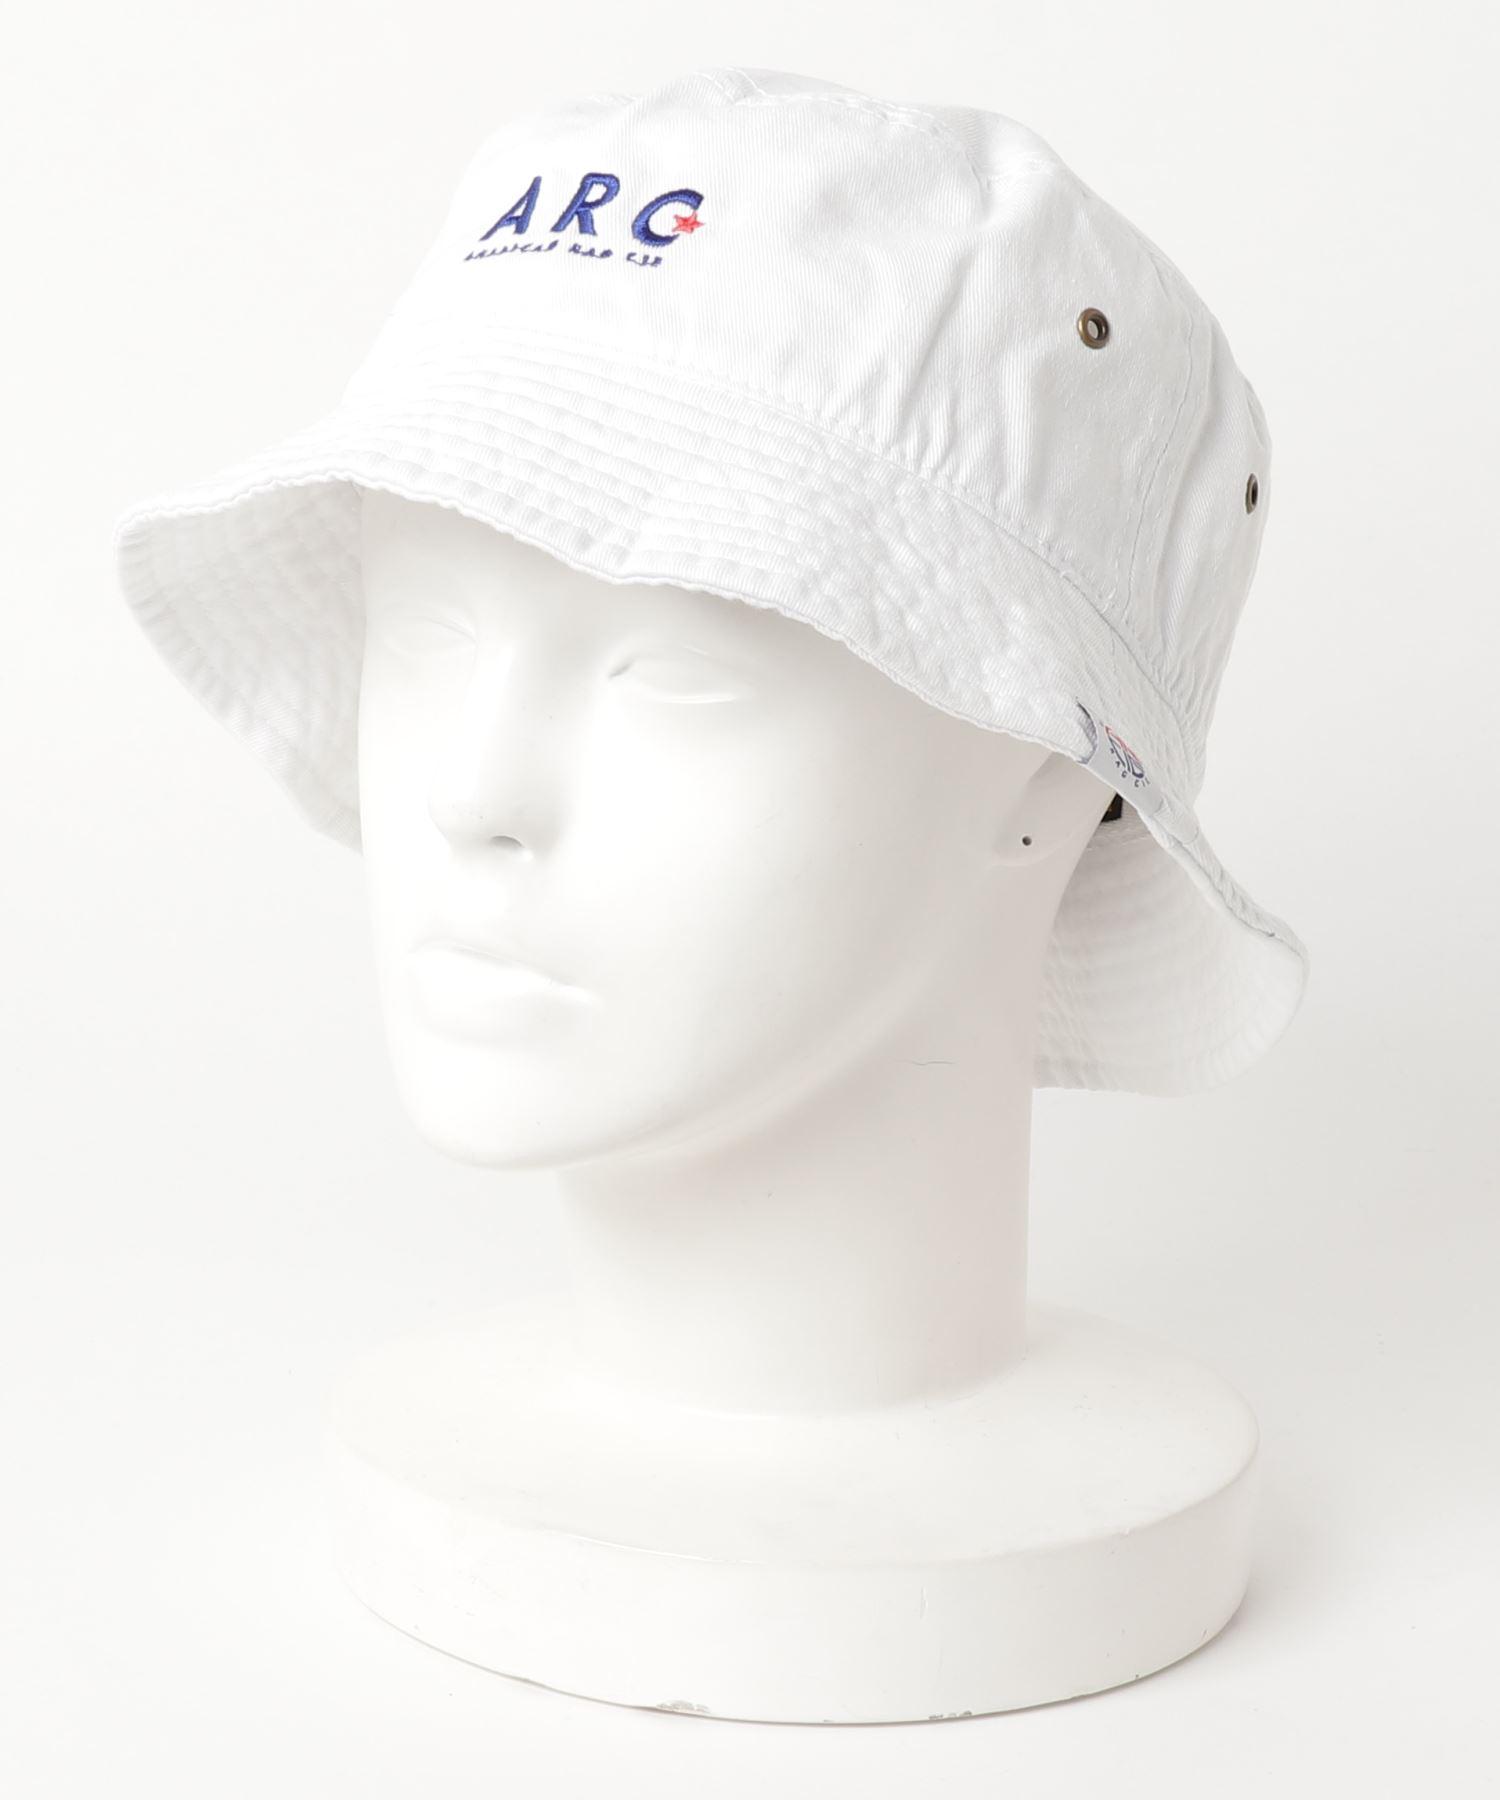 AMERICAN RAG CIE ARC Simple Logo Embroidery Cotton Bucket Hat/アメリカンラグシー ARCシンプルロゴエンブロイダリーコットンバケットハット